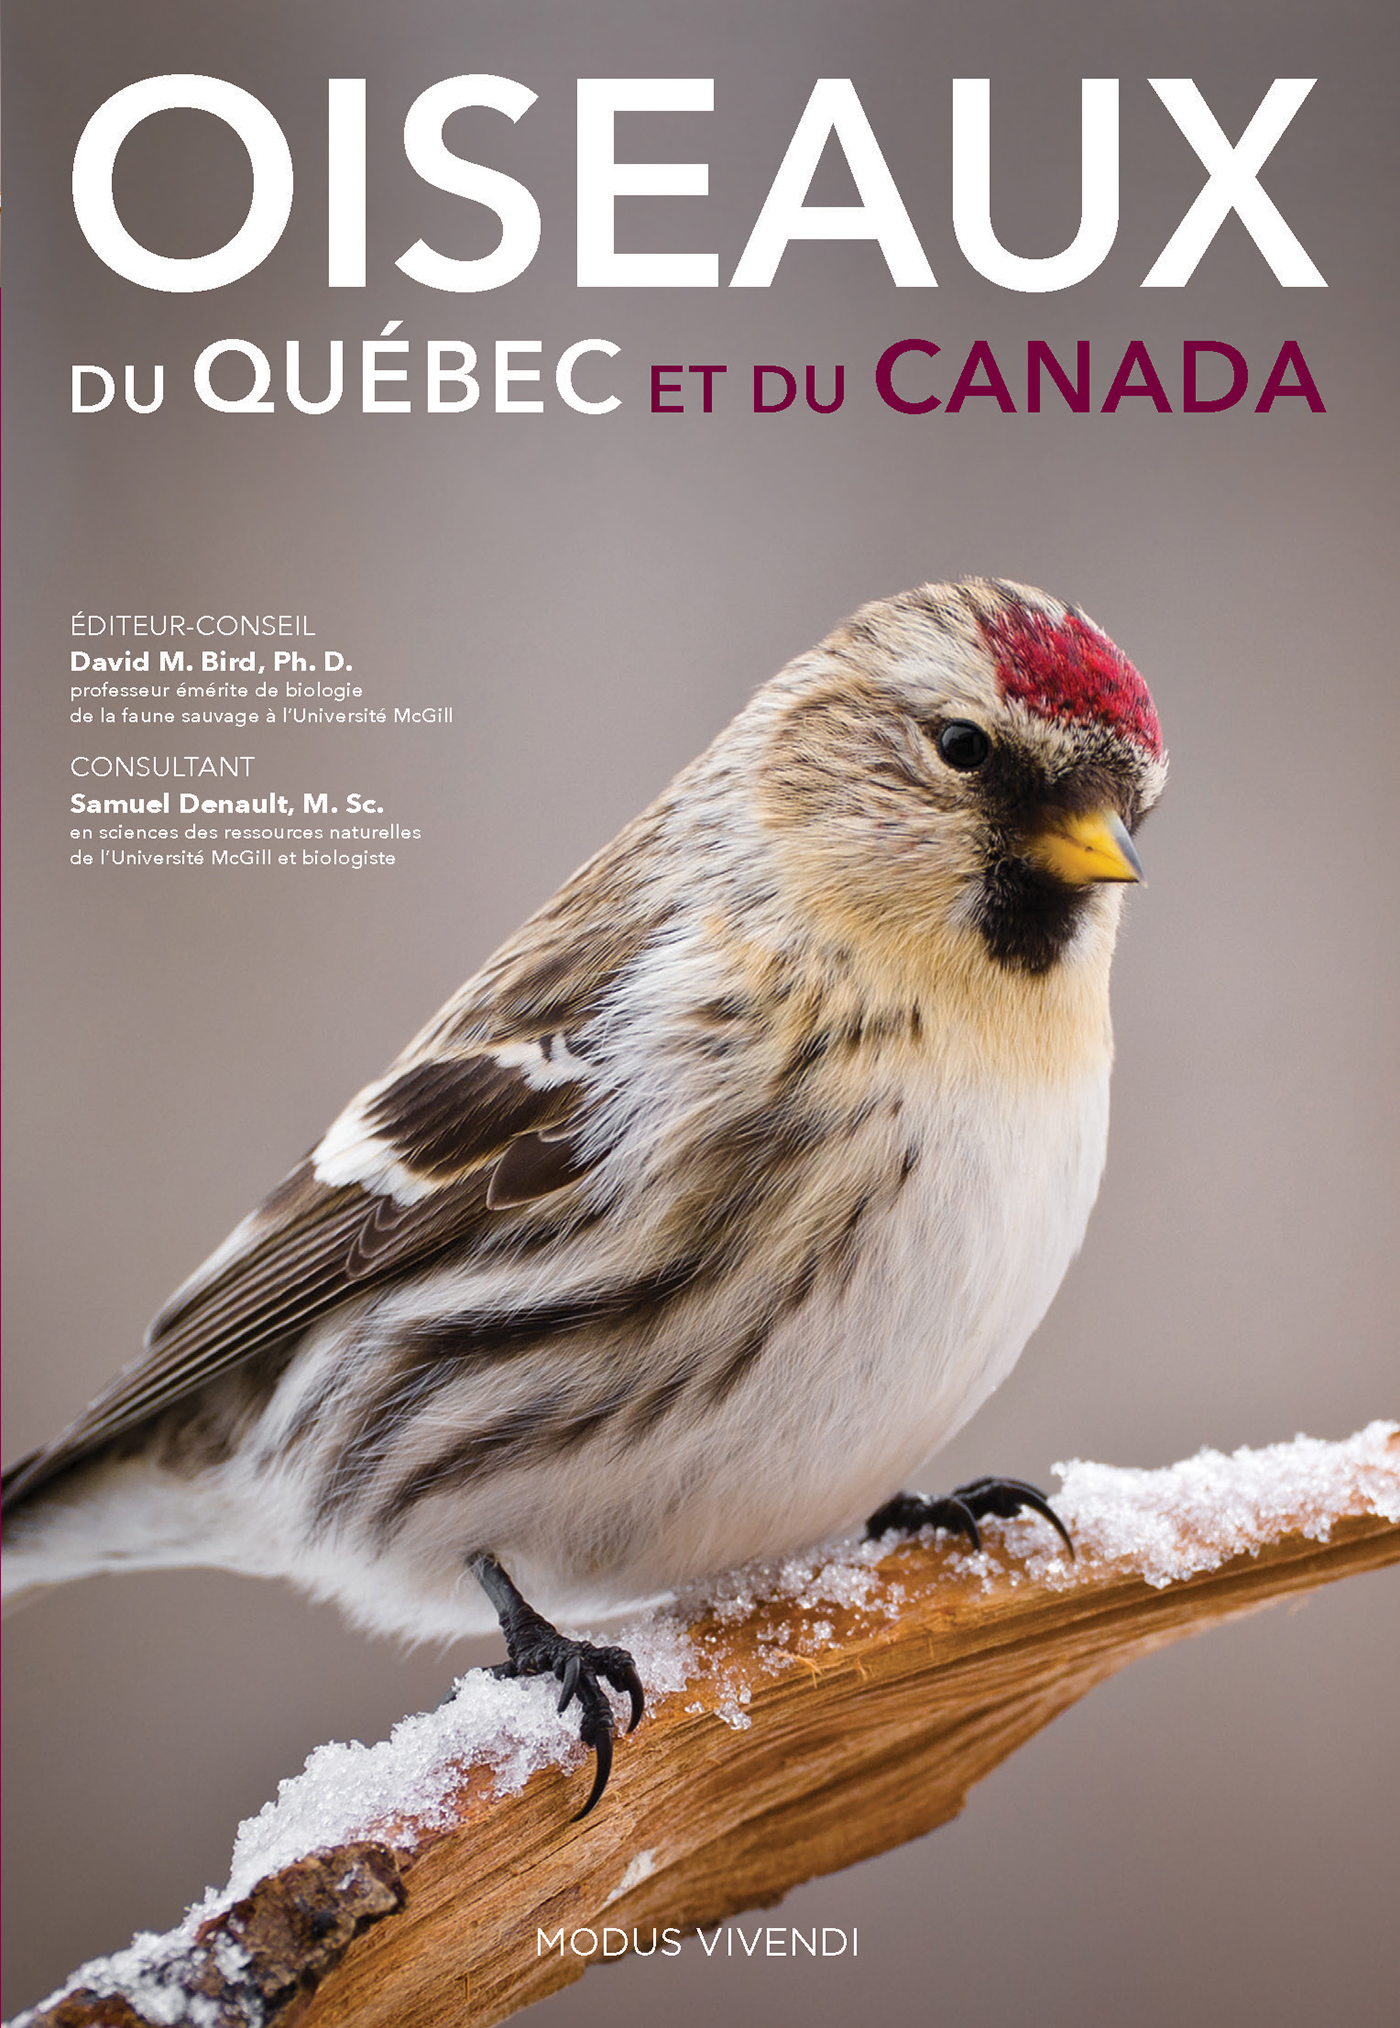 105_Oiseaux_C1